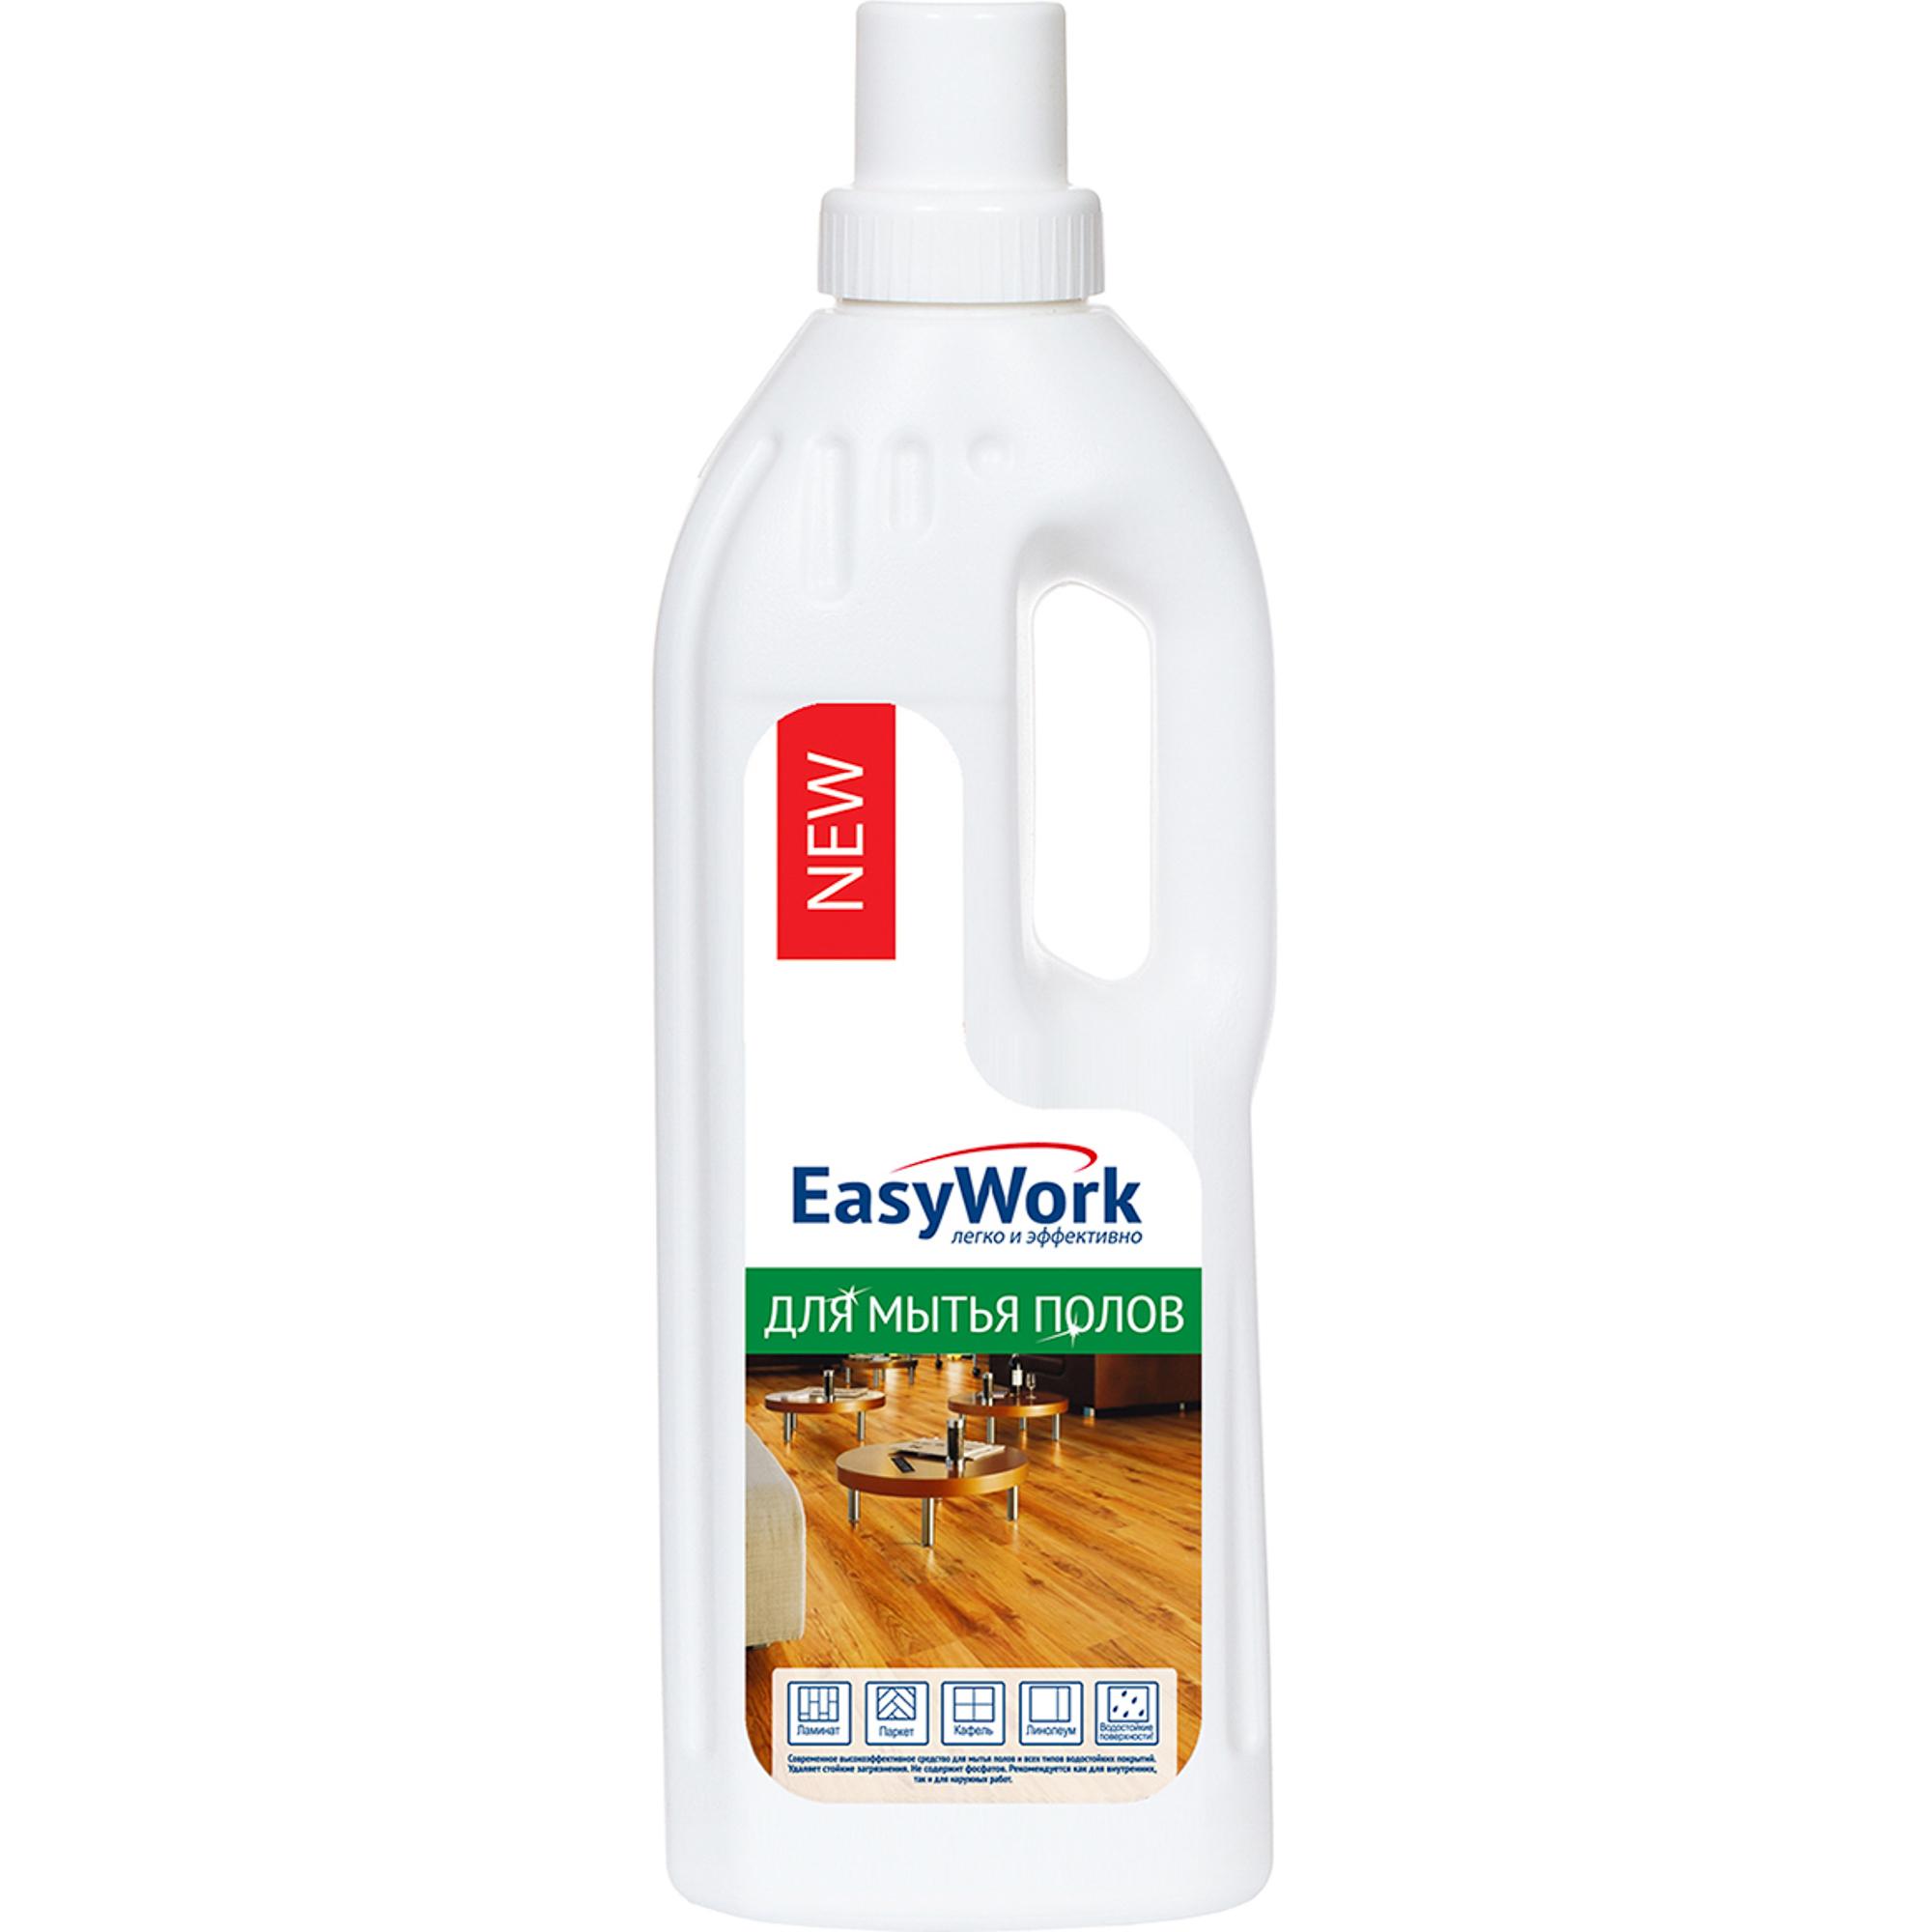 Купить Средство EasyWork для мытья полов 750 мл, моющее средство, Россия